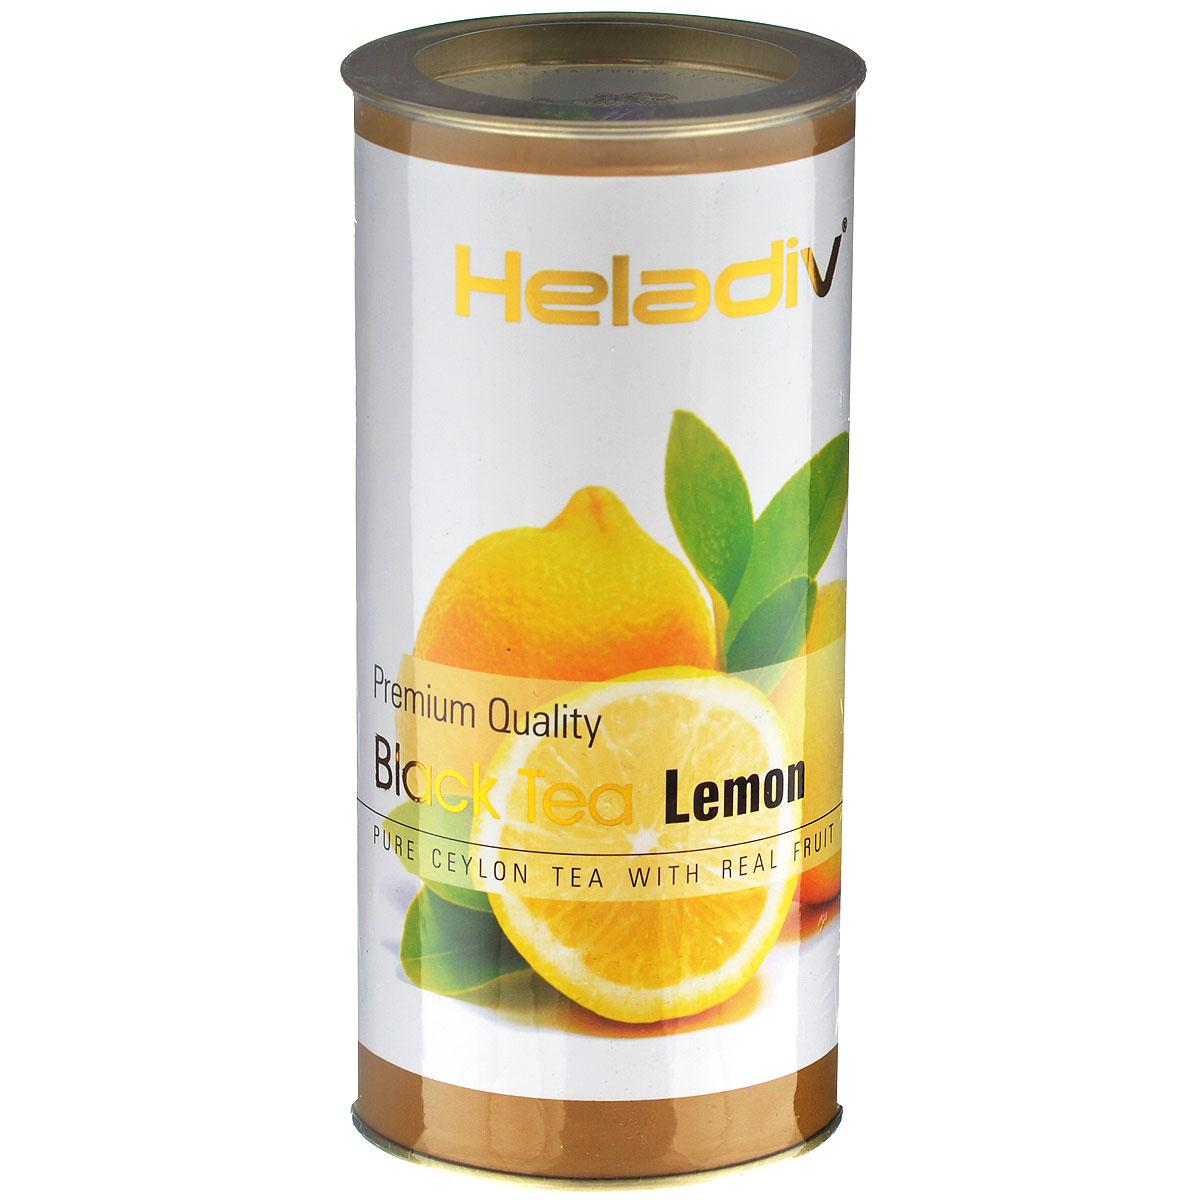 Heladiv Lemon черный фруктовый чай с лимоном, 100 г heladiv opa